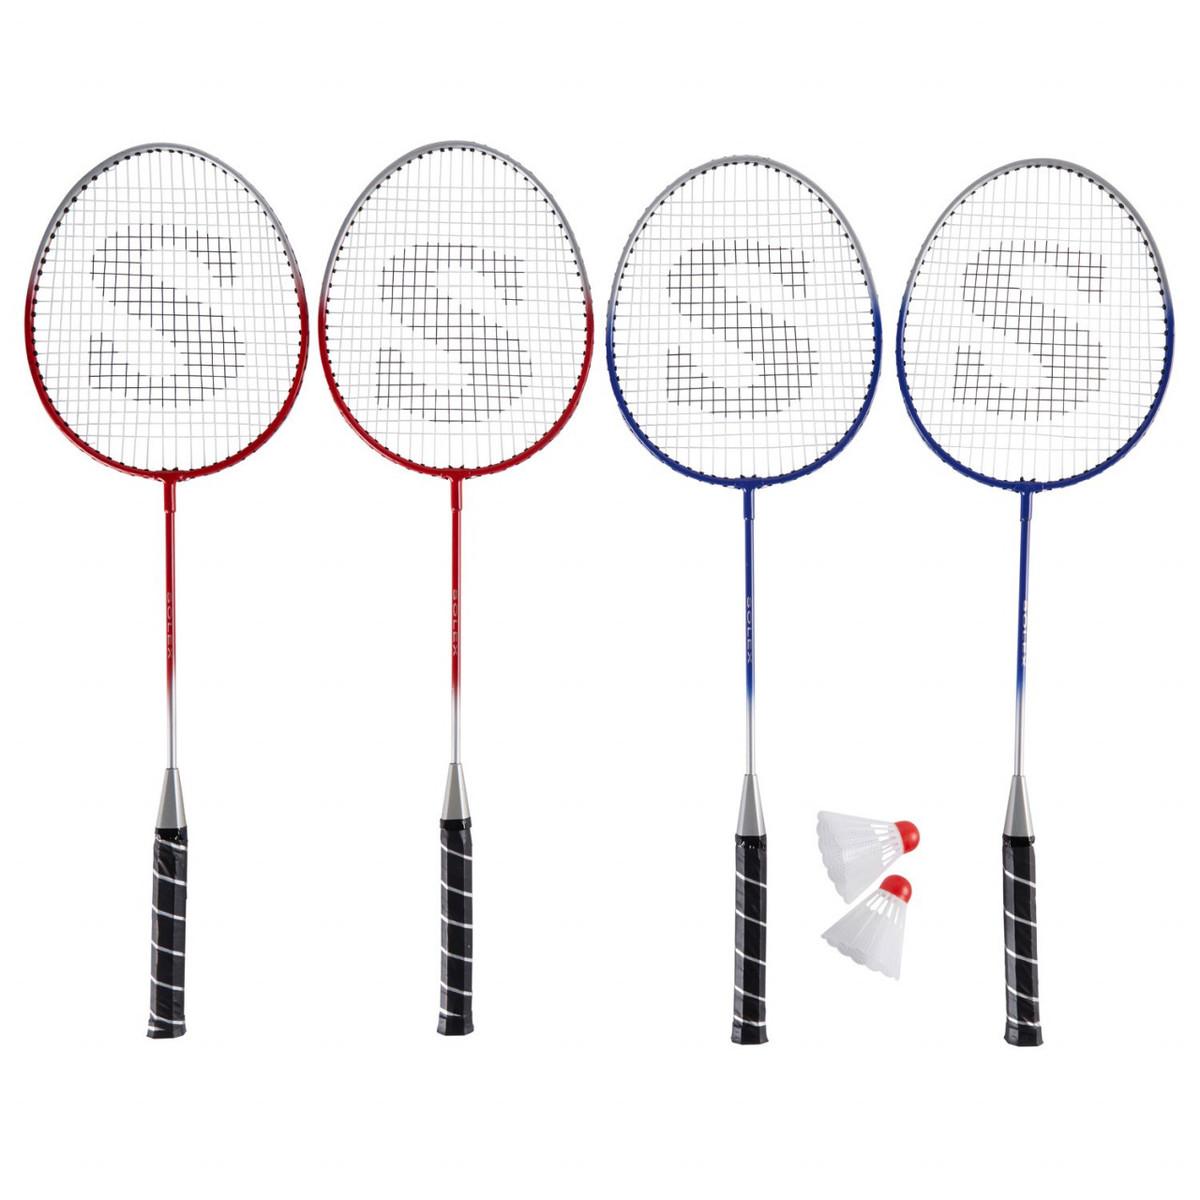 Bild 2 von Solex Badminton 4-Schläger-Set mit Netzgarnitur, Bällen & Tasche